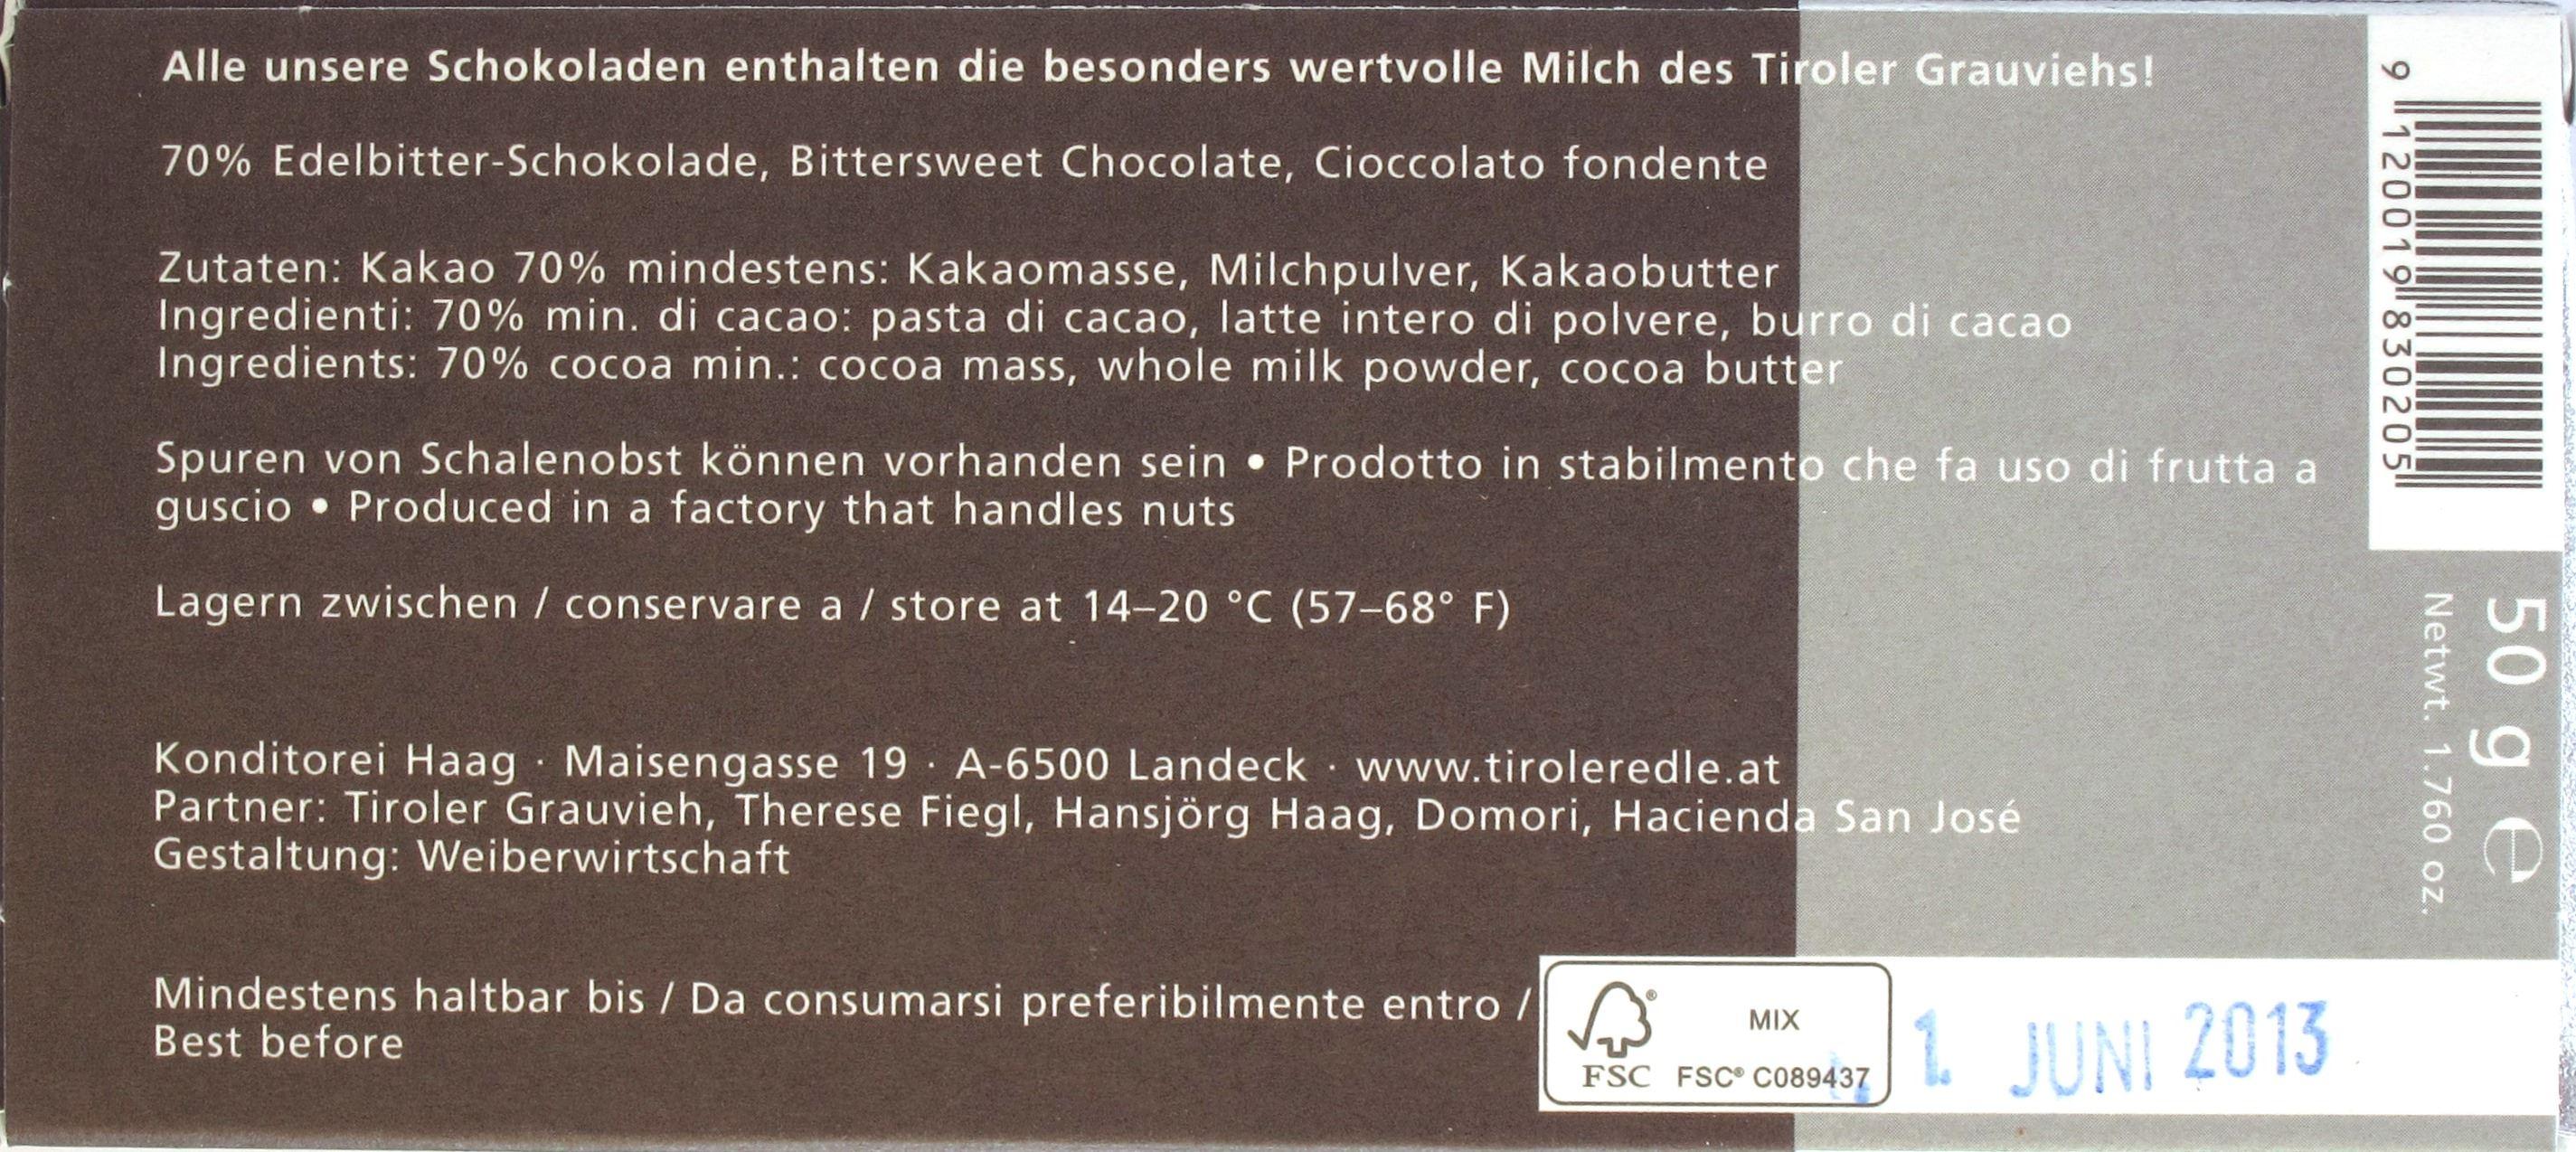 Tiroler Edle 70% Ohne Zucker - ohne Zucker